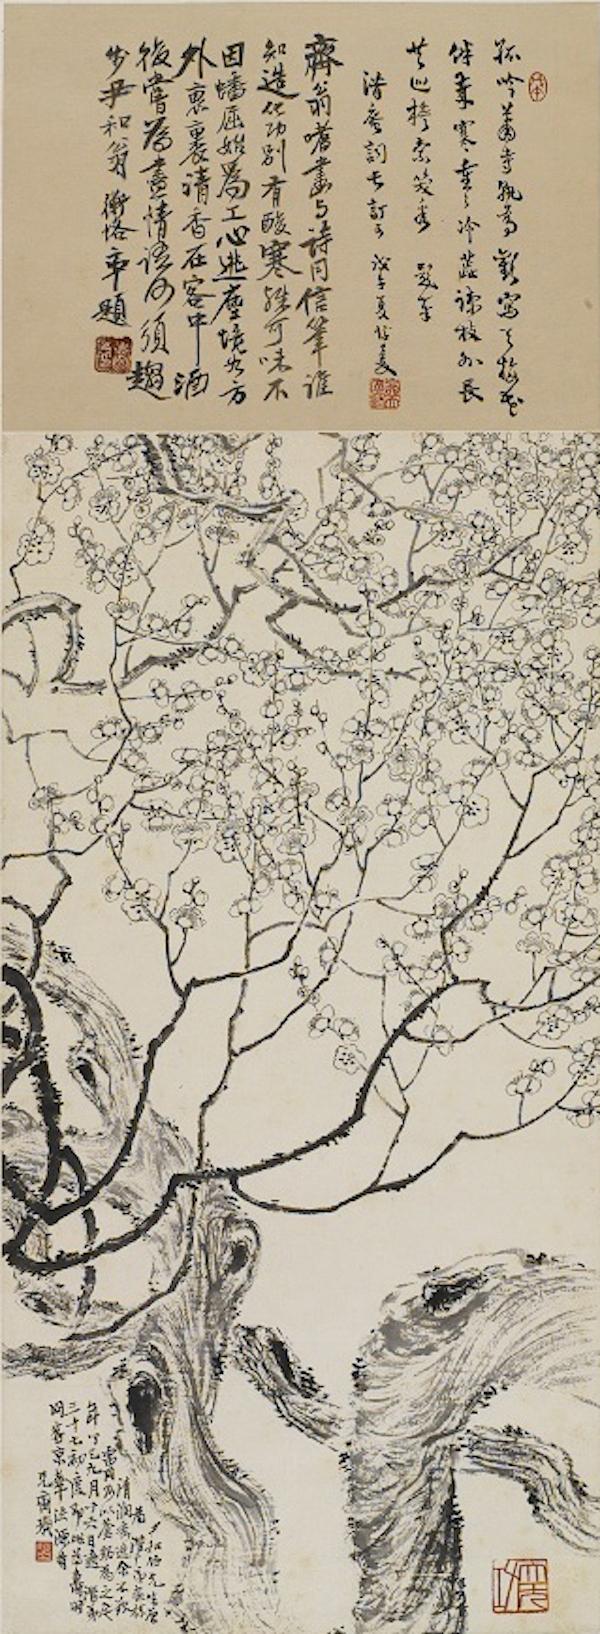 (图一齐白石,《墨梅图》,纸本,1917年,北京画院藏)